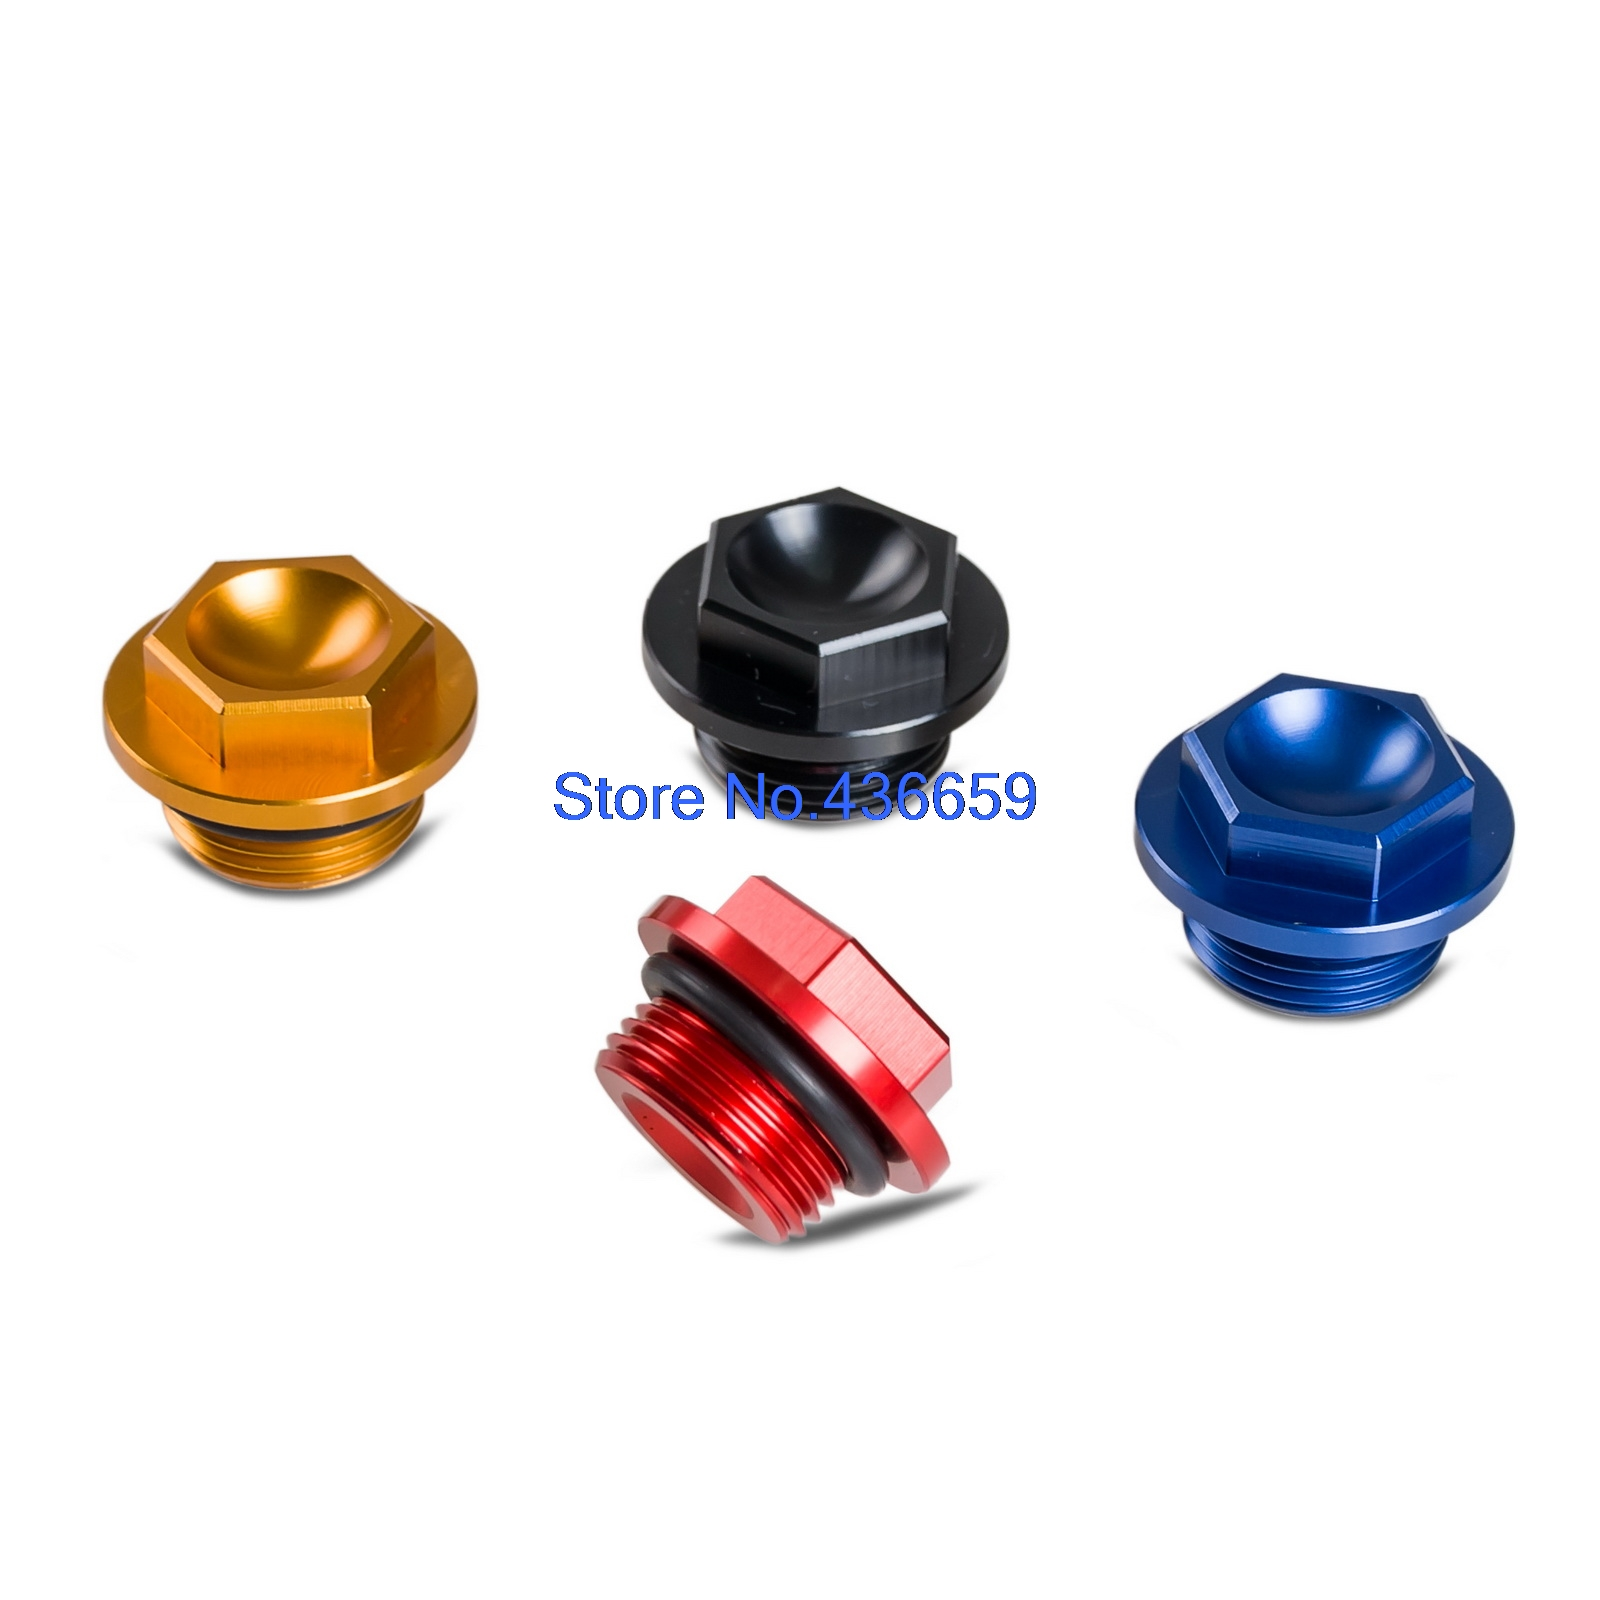 Мотоциклов ЧПУ заливной горловины масла пробка Крышка для LTR450 Сузуки ЛТ-Р450 RMZ250 РМ-Z250 РМ-z450 в соответствии RMZ450 RMX450Z RM85 rm80 с РМ 80 85